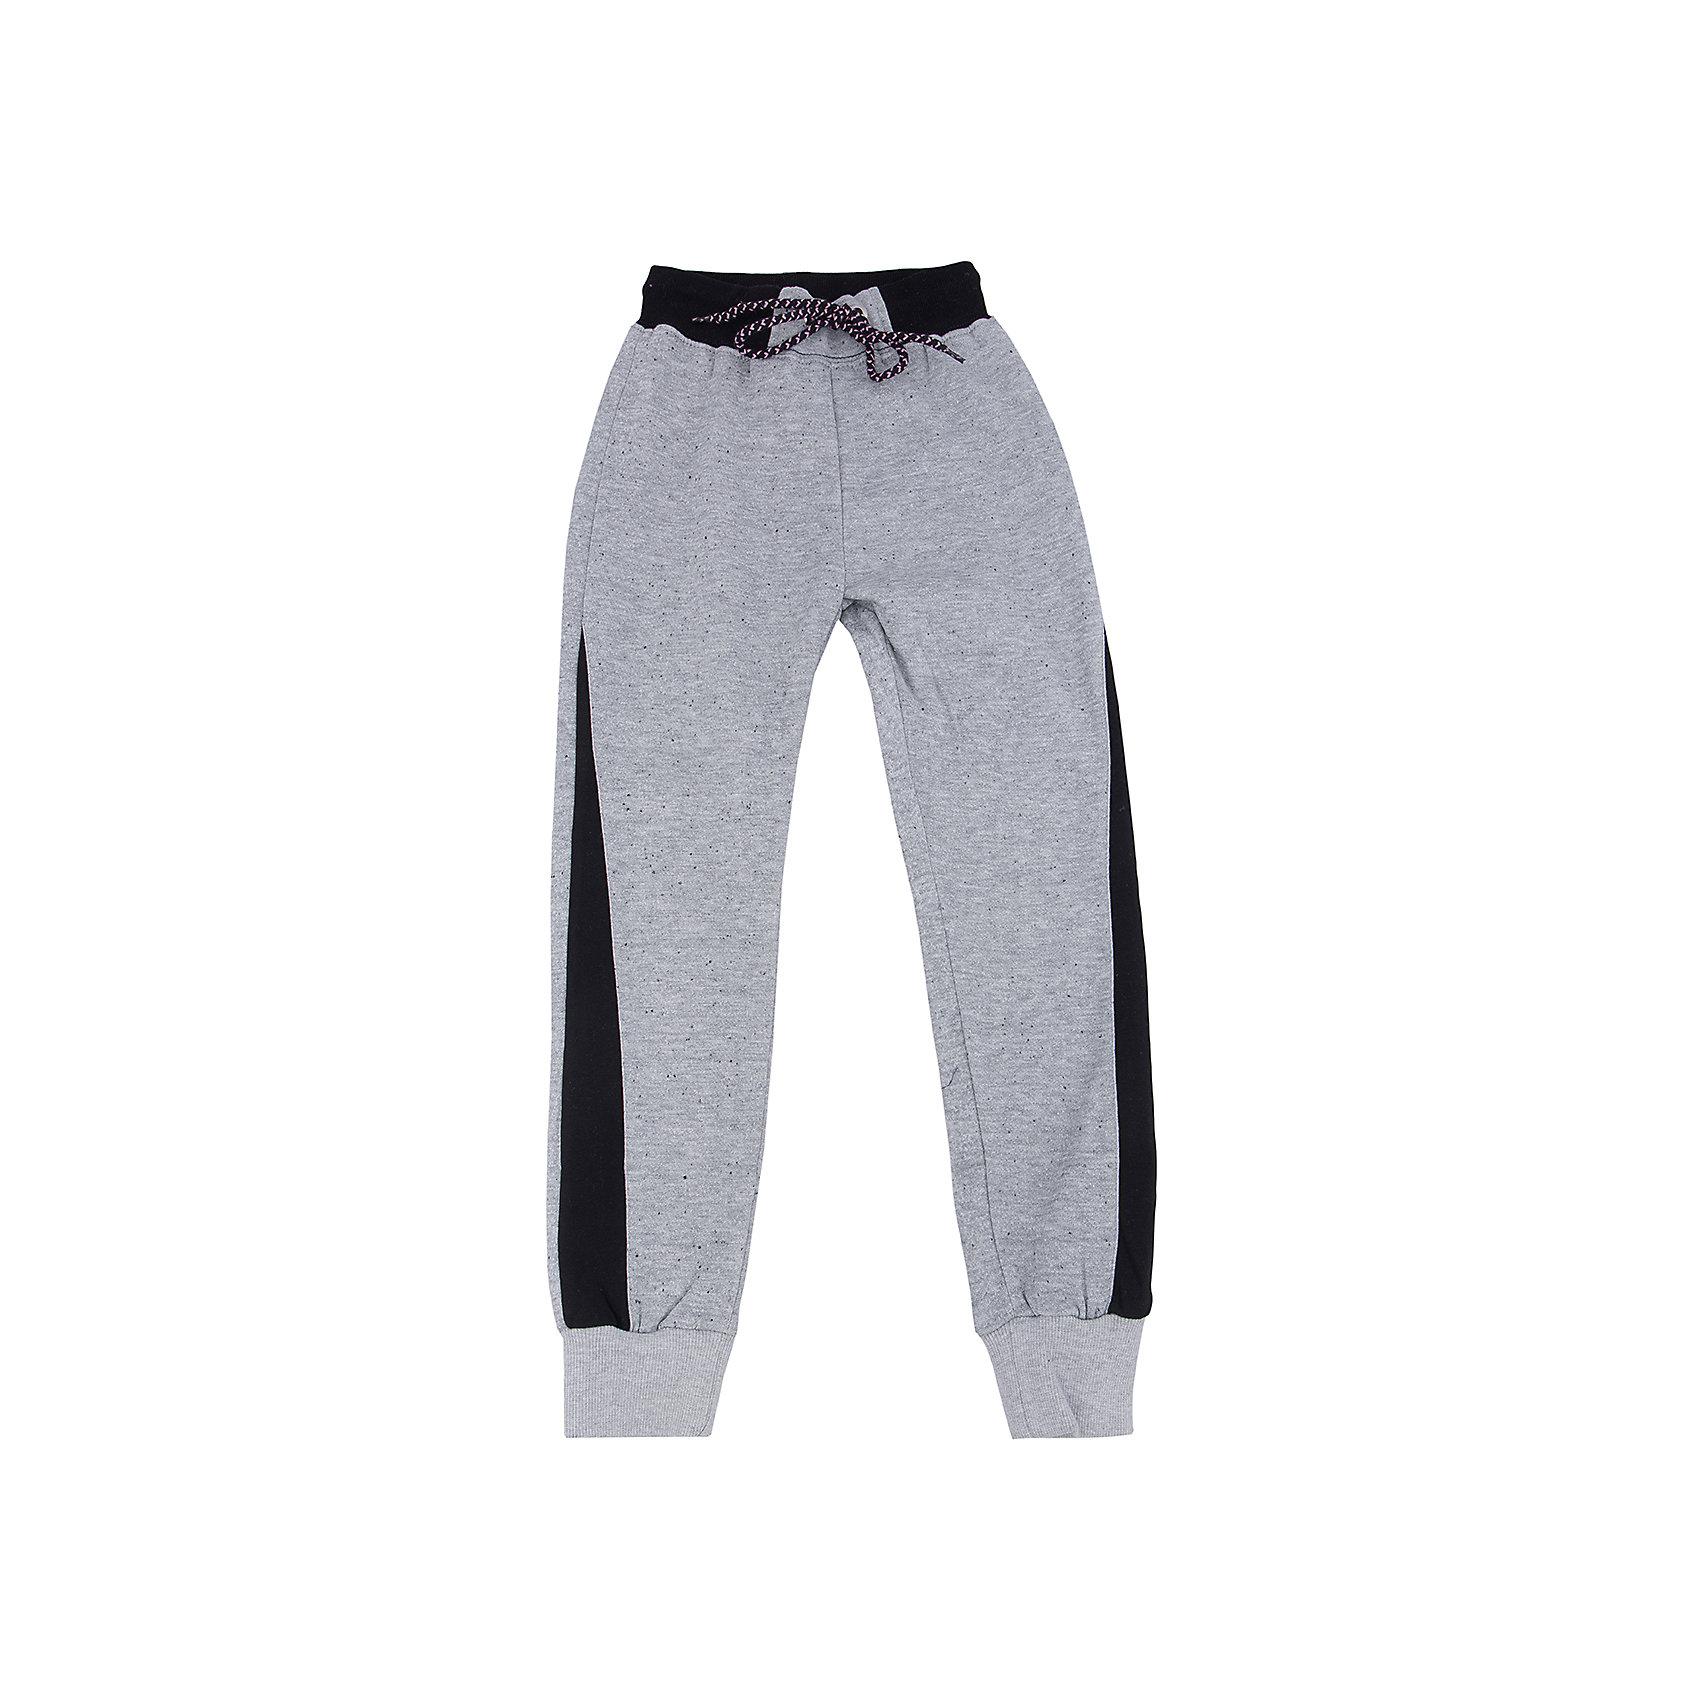 Брюки для девочки LuminosoБрюки<br>Характеристики товара:<br><br>- цвет: разноцветный;<br>- материал: 80% хлопок, 20% полиэстер;<br>- трикотаж;<br>- мягкая резинка и шнурок в поясе.<br><br>Стильная одежда от бренда Luminoso (Люминосо), созданная при участии итальянских дизайнеров, учитывает потребности подростков и последние веяния моды. Она удобная и модная.<br>Эти стильные спортивные брюки отлично впишутся в гардероб девочки. Они хорошо сидят на ребенке, обеспечивают комфорт и отлично сочетаются с одежной разных стилей. Модель отличается высоким качеством материала и продуманным дизайном. Натуральный хлопок в составе изделия делает его дышащим, приятным на ощупь и гипоаллергеным.<br><br>Брюки для девочки от бренда Luminoso (Люминосо) можно купить в нашем интернет-магазине.<br><br>Ширина мм: 215<br>Глубина мм: 88<br>Высота мм: 191<br>Вес г: 336<br>Цвет: серый<br>Возраст от месяцев: 156<br>Возраст до месяцев: 168<br>Пол: Женский<br>Возраст: Детский<br>Размер: 164,134,140,146,152,158<br>SKU: 4929640